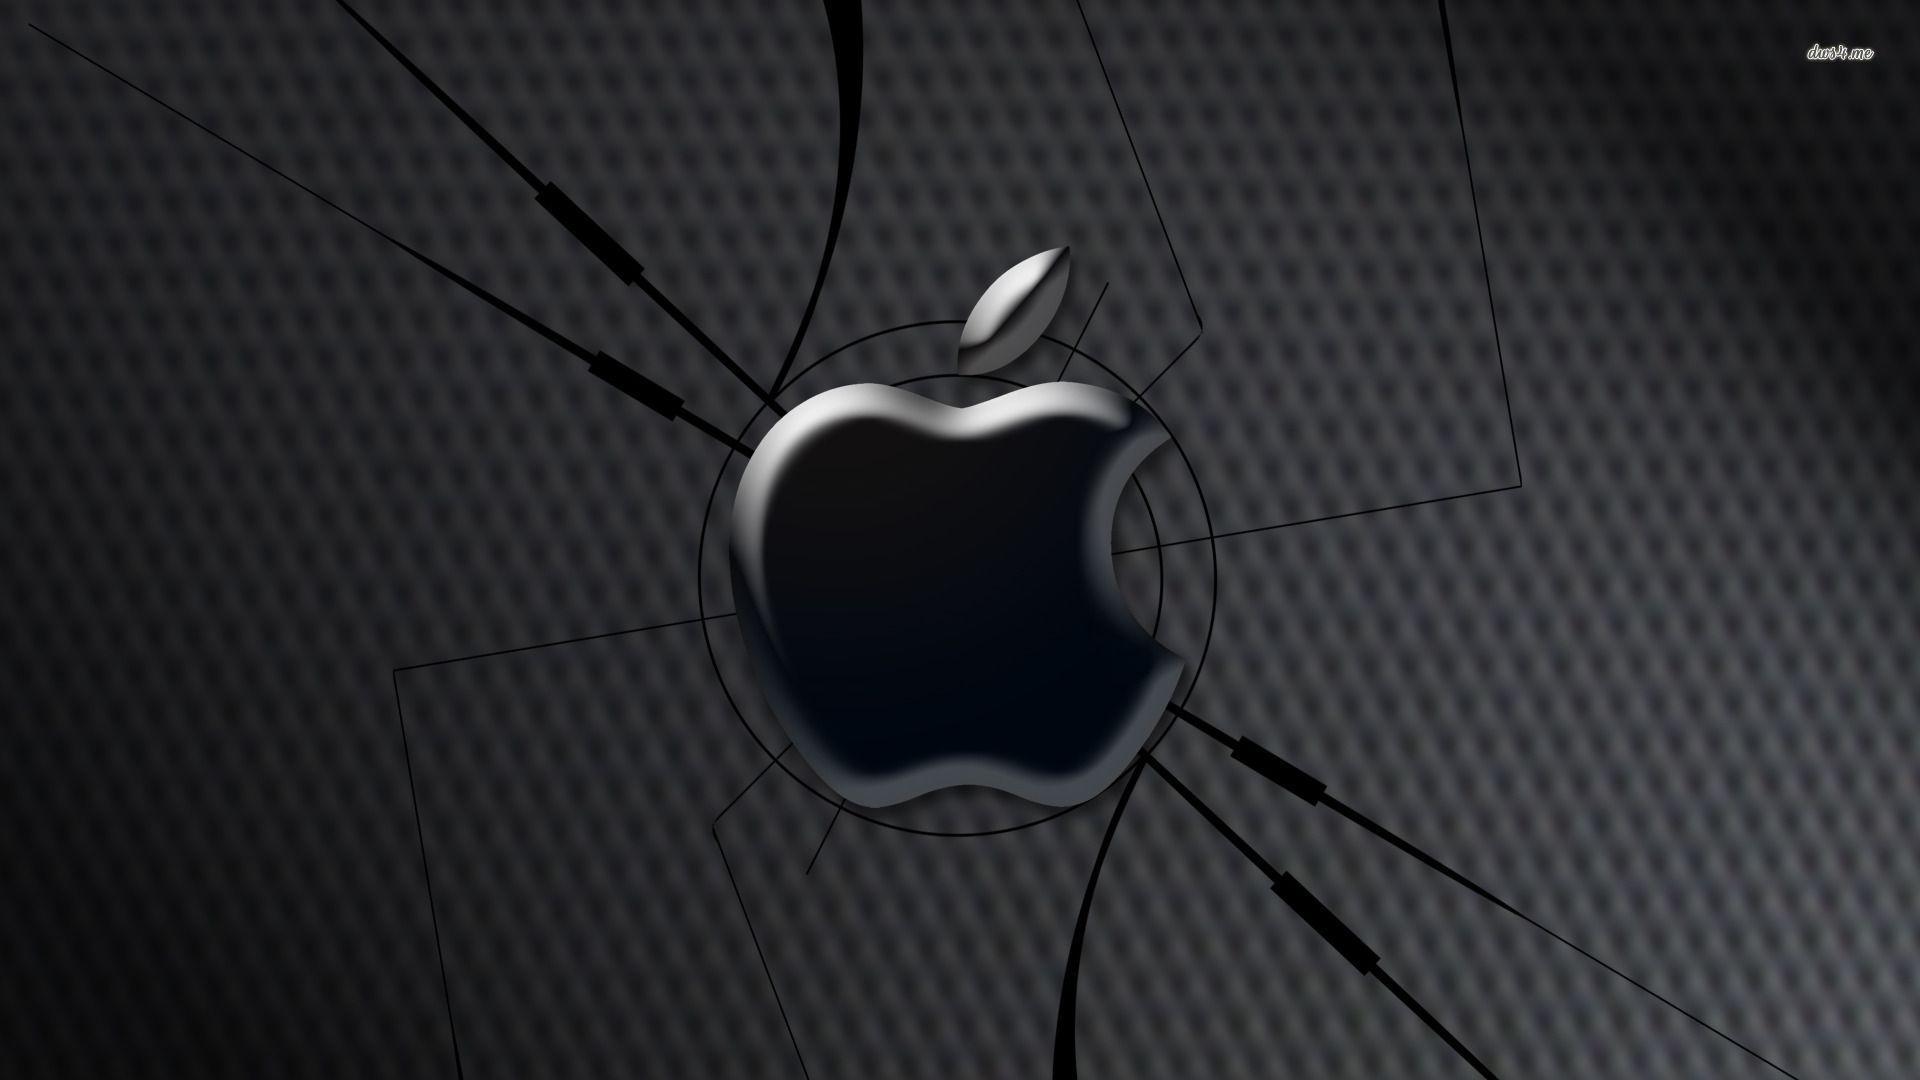 broken apple wallpaper - photo #23